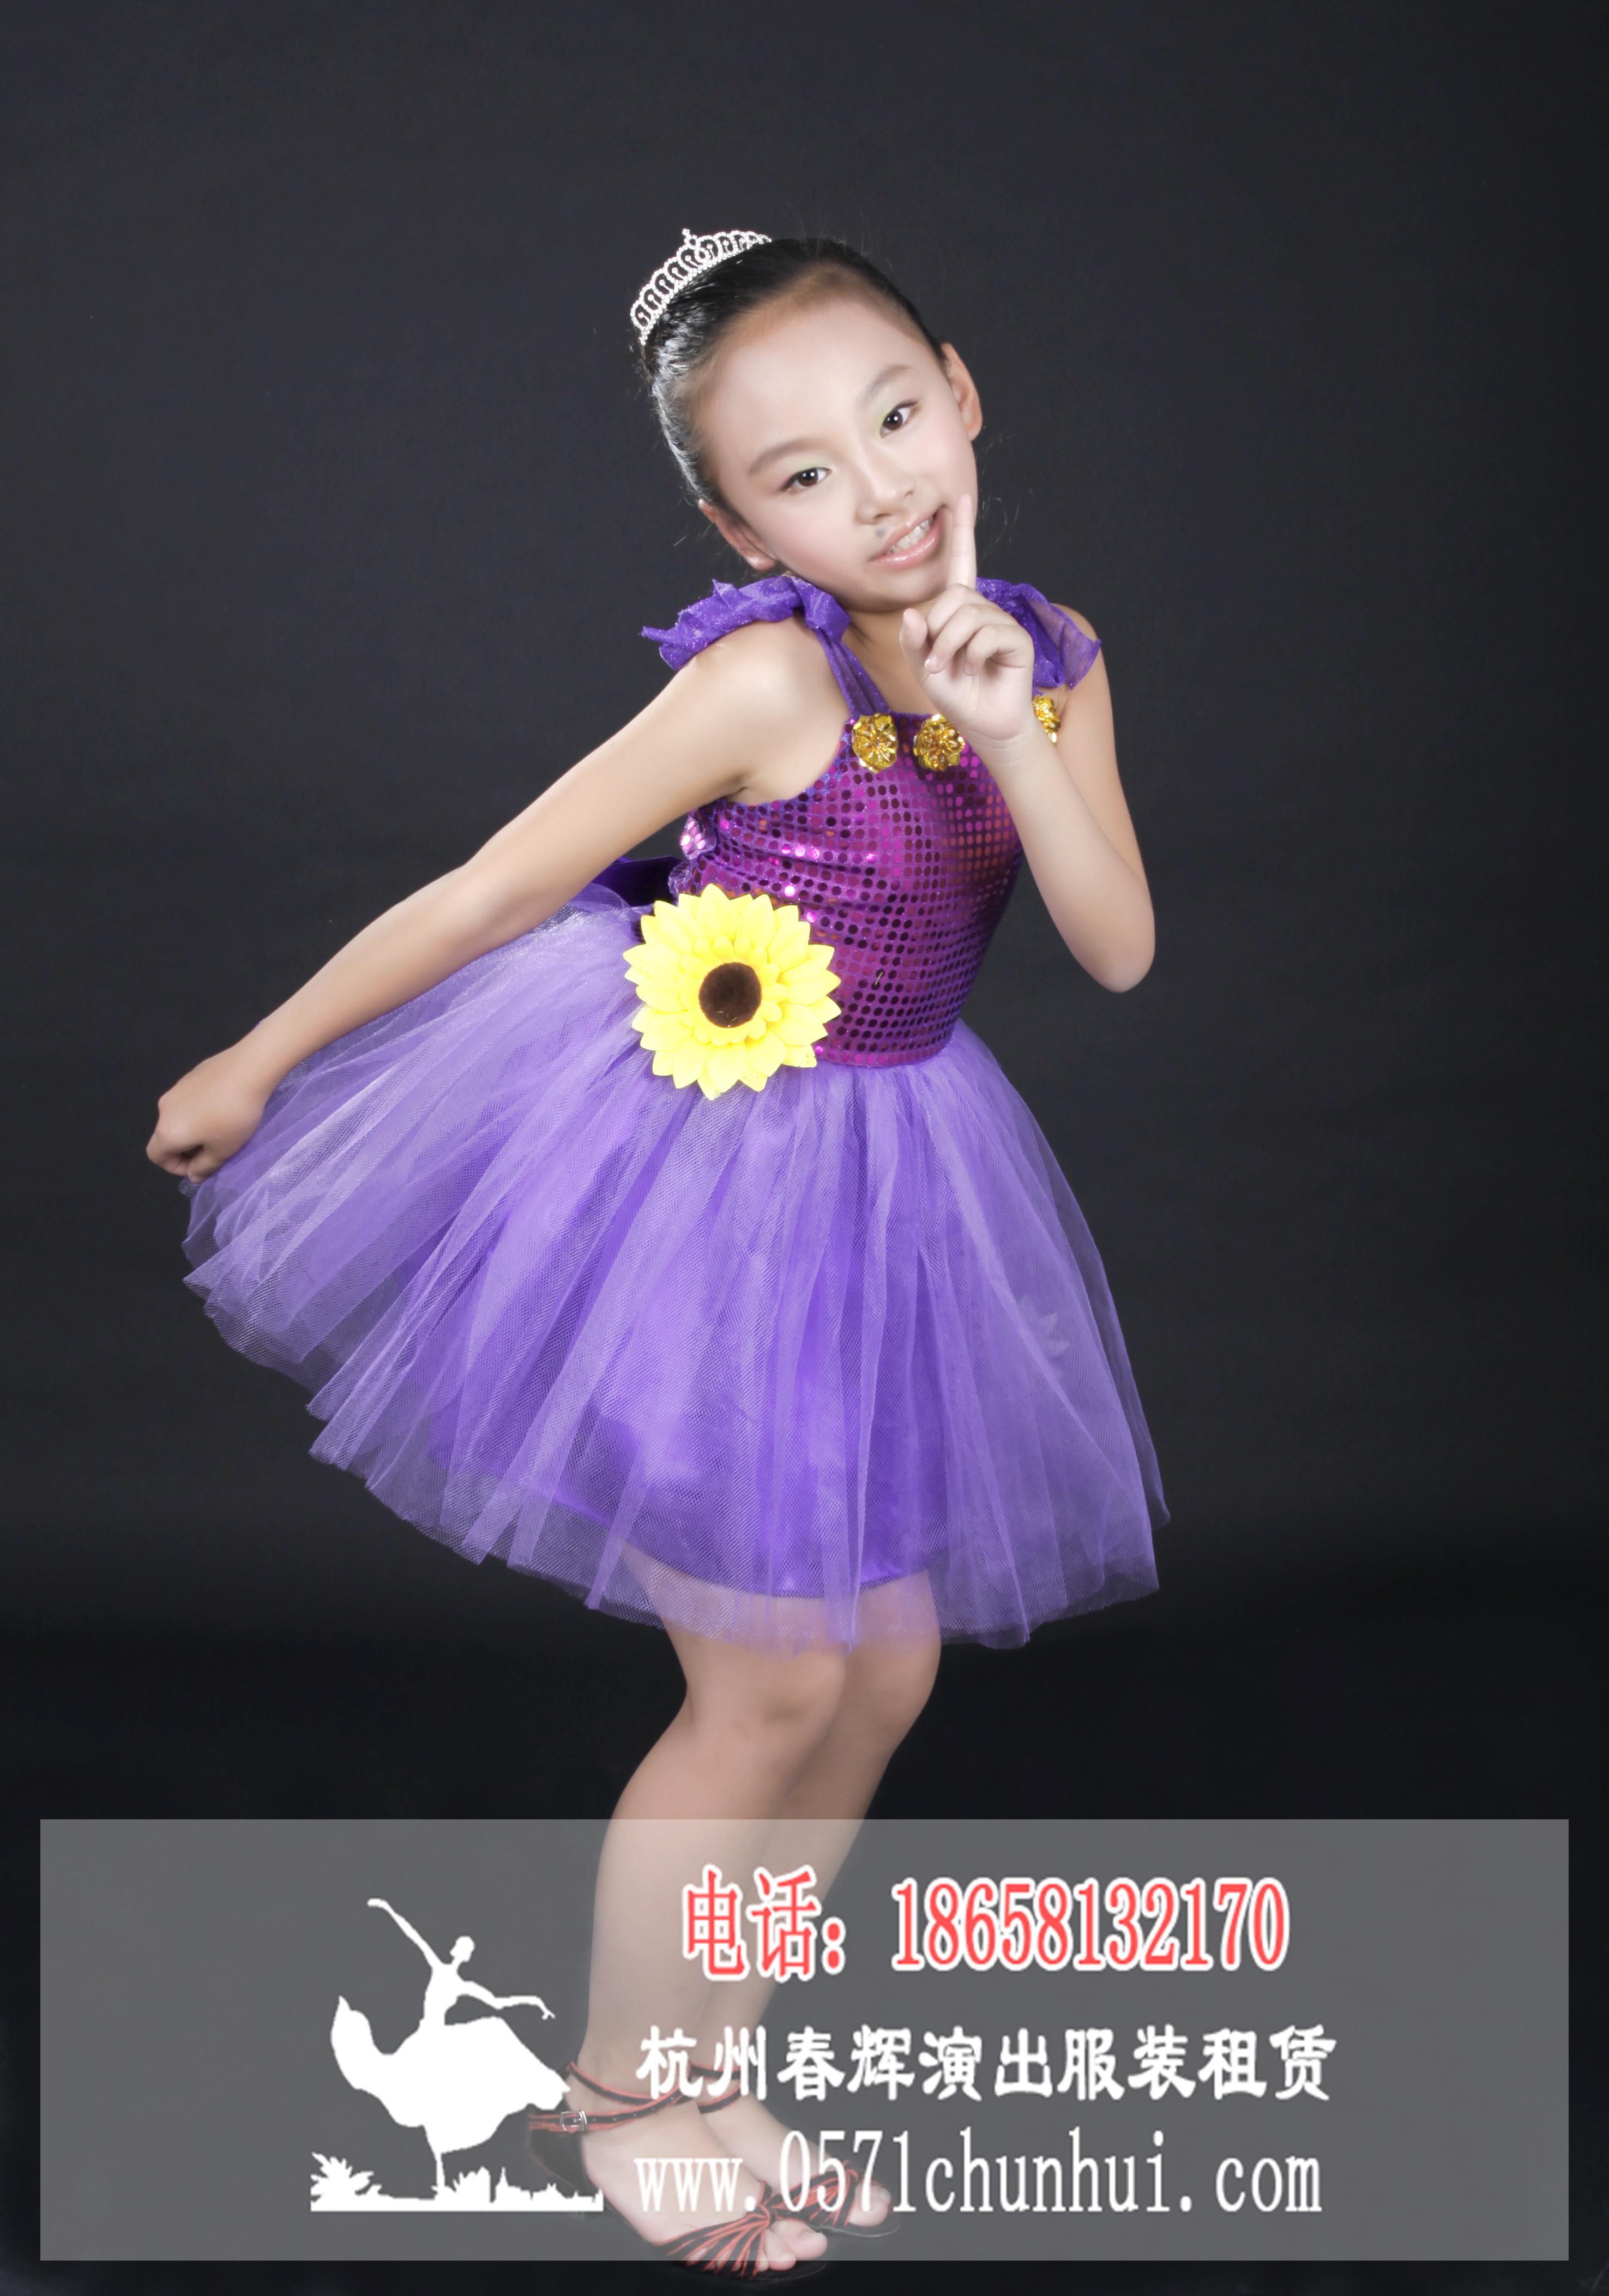 演出服装儿童服舞蹈服紫色出租